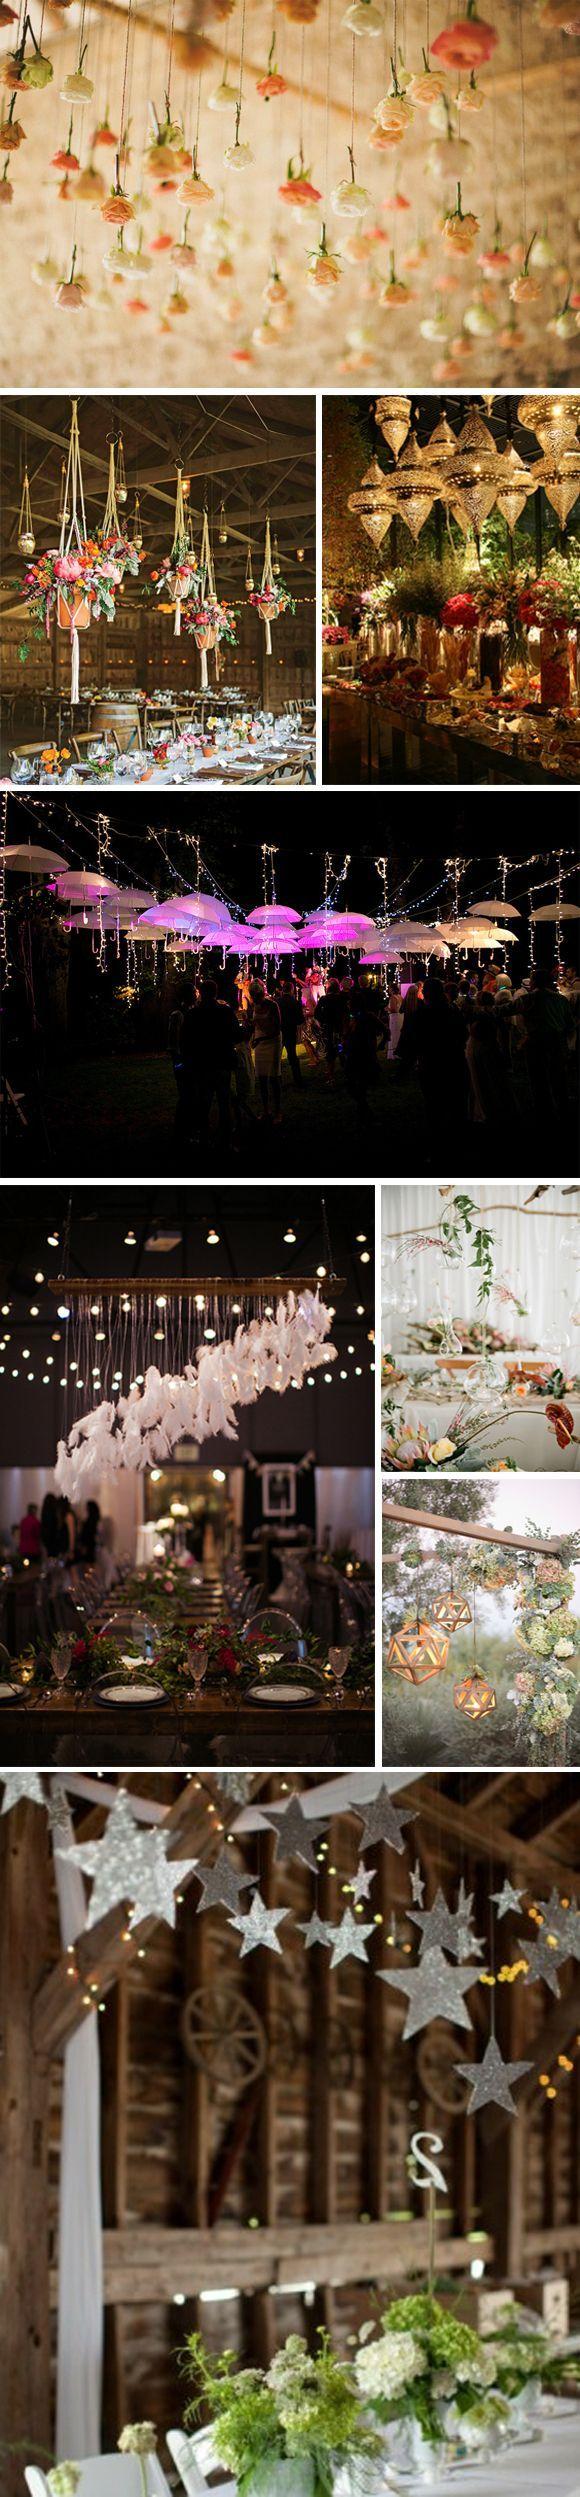 Ideas para decorar tu boda con adornos colgantes: flores, lamparas, jaulas, pompones, etc. Como crear una preciosa decoración colgante en tu boda.